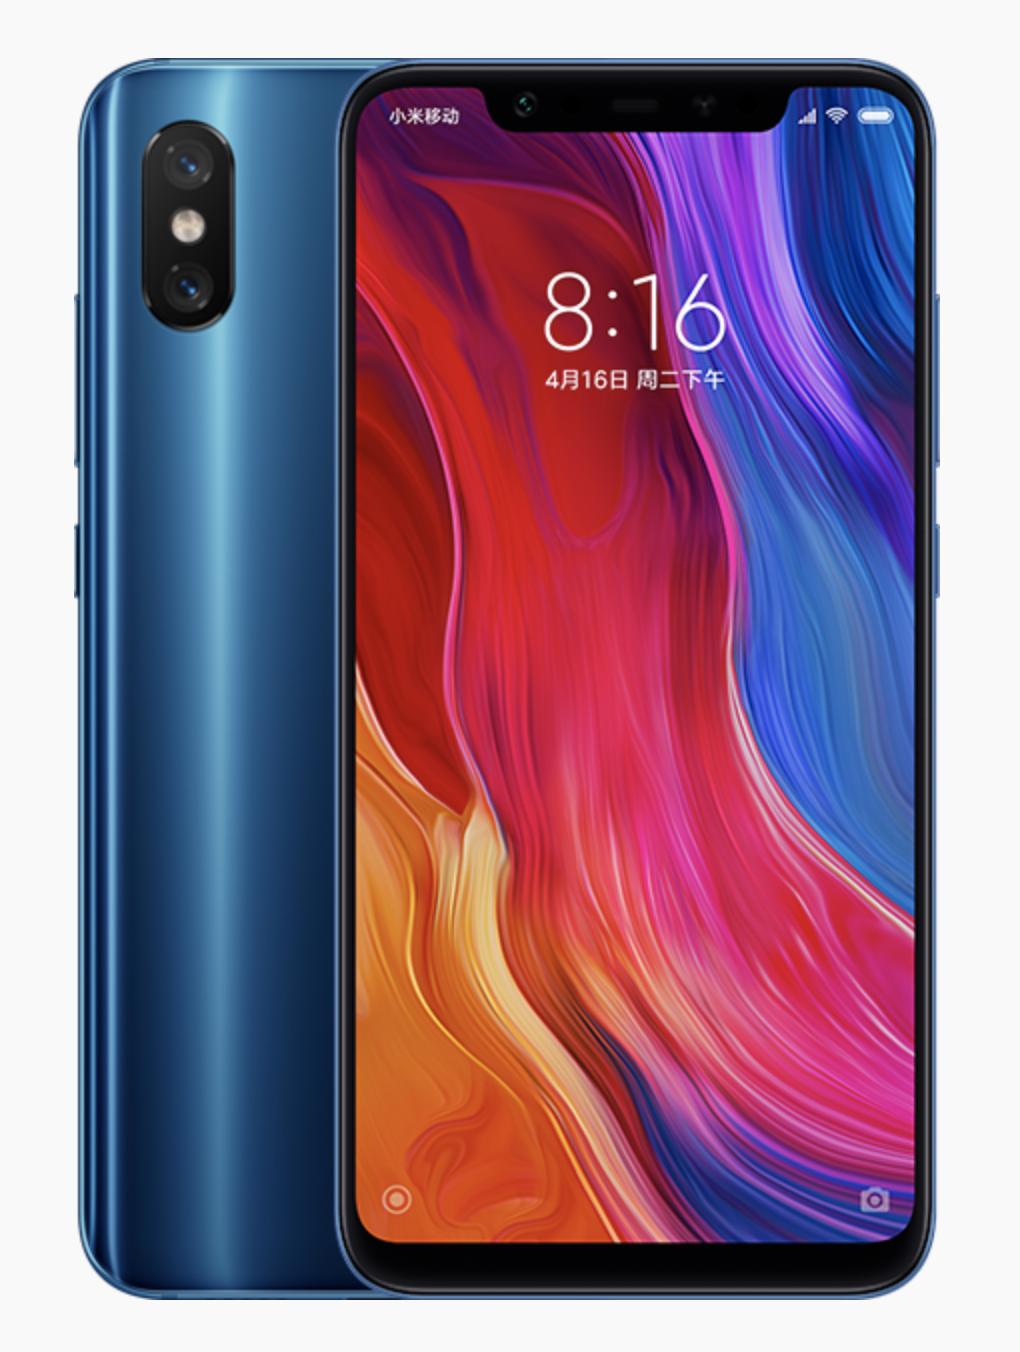 Xiaomi Mi 8のデザイン